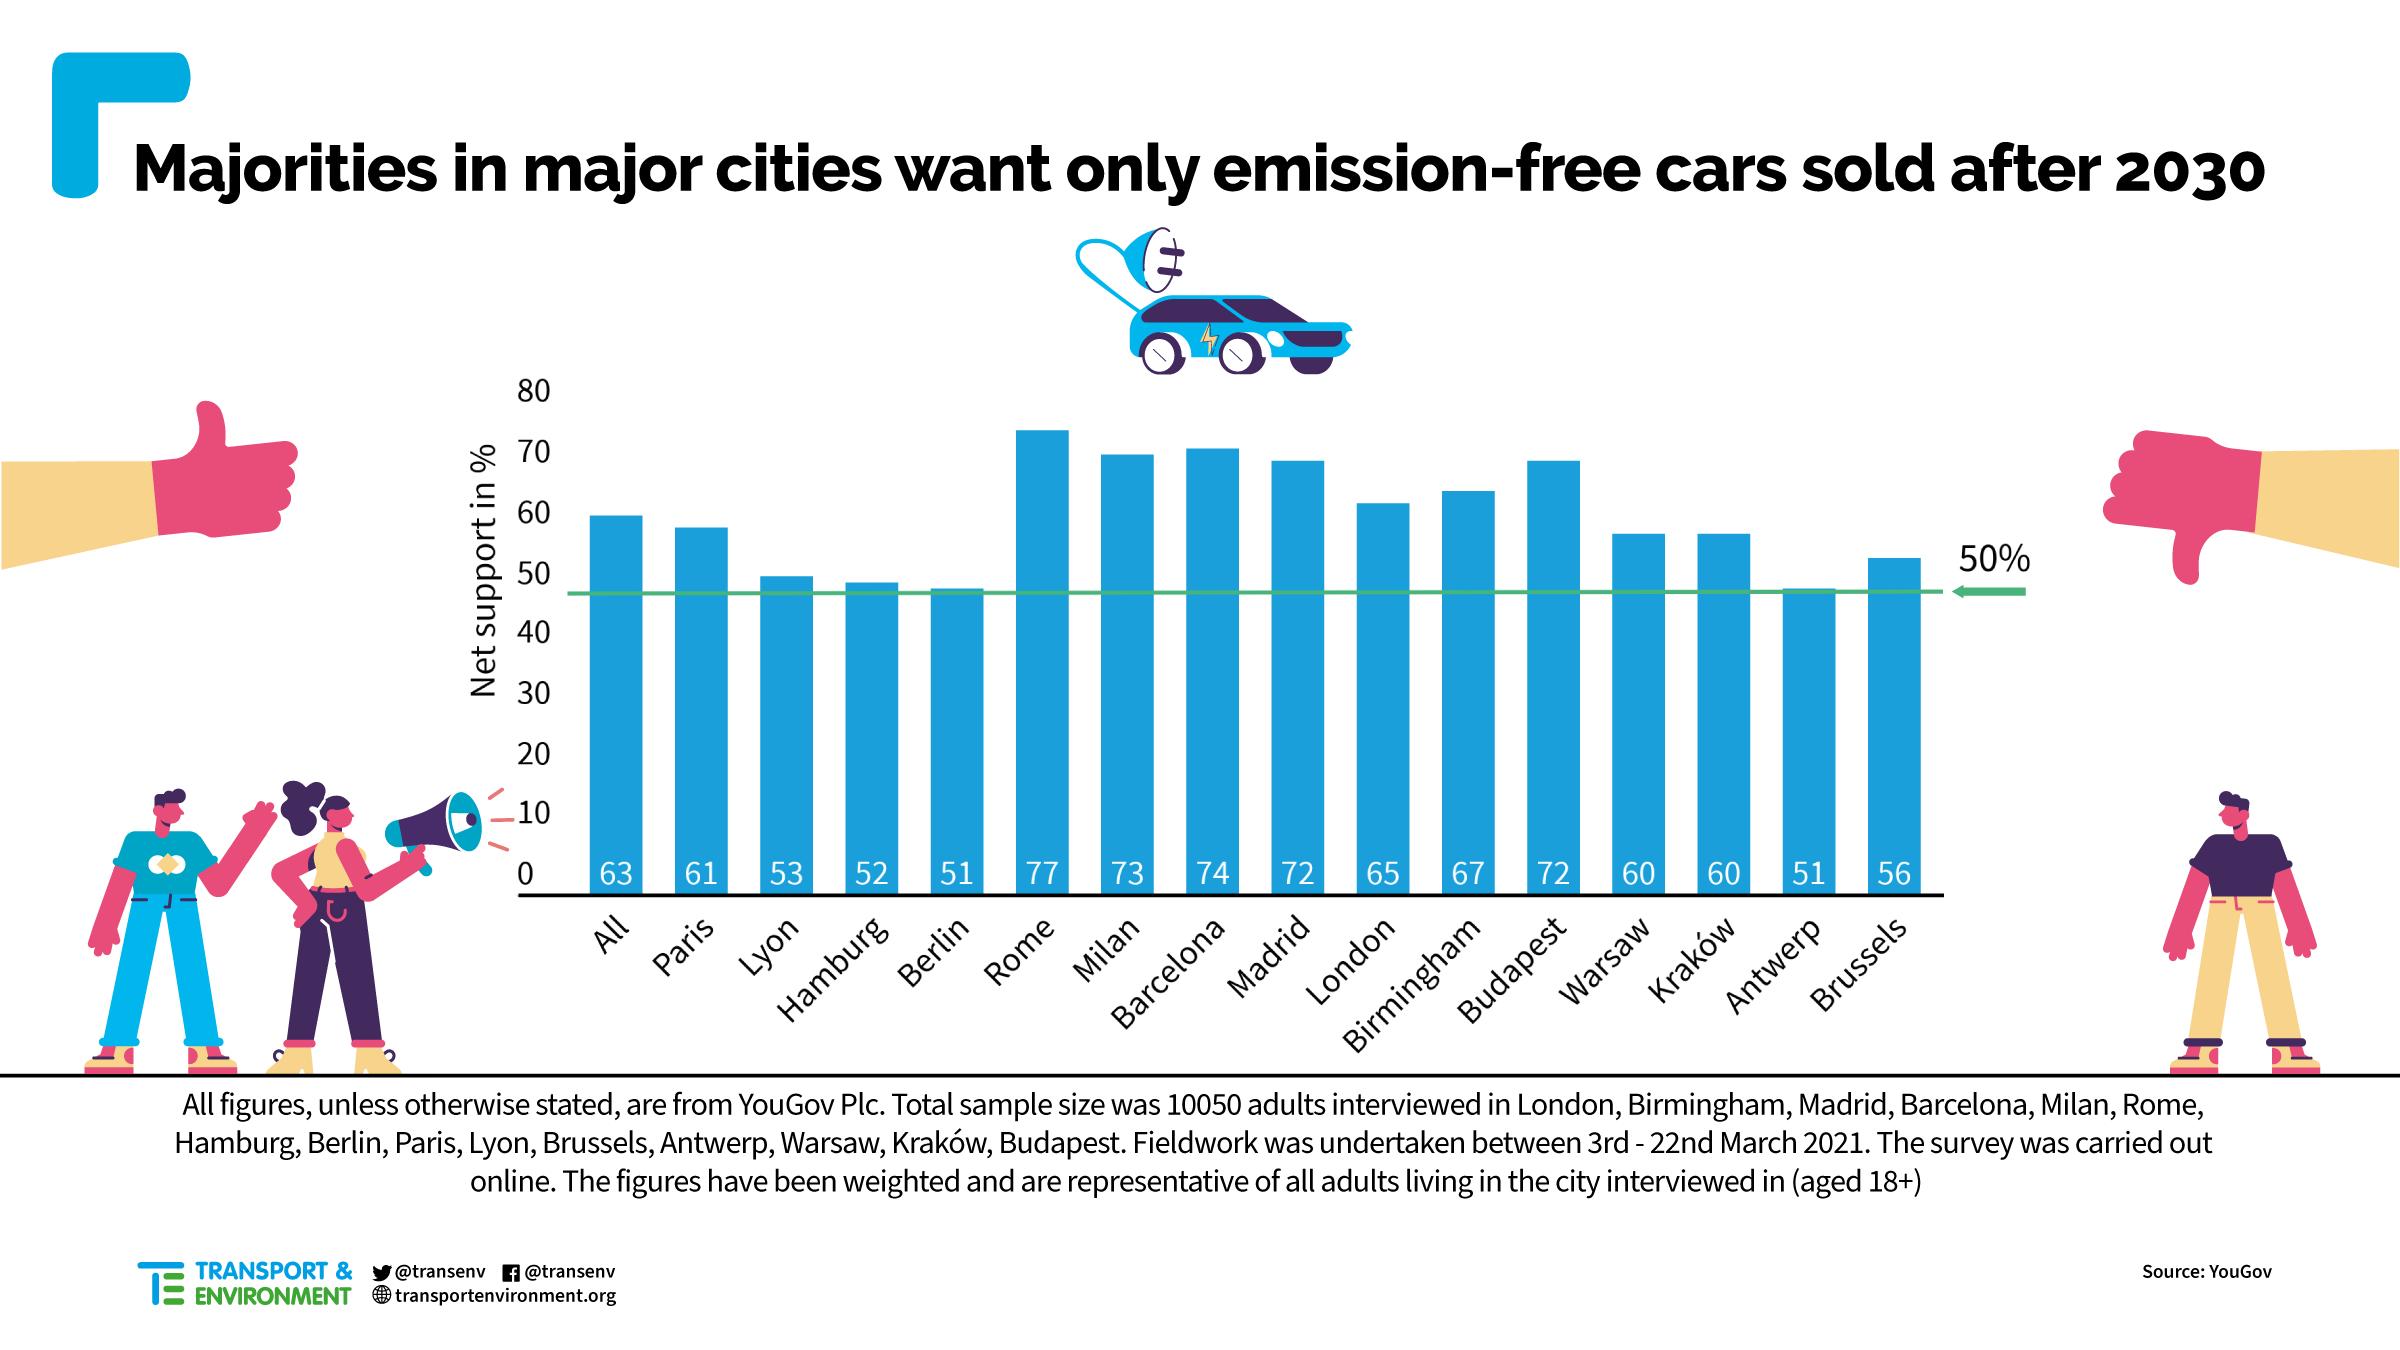 Prieskum obyvateľstva európskych metropol pre zákaz predaja spaľovacích áut po roku 2030 (Zdroj: T&E)